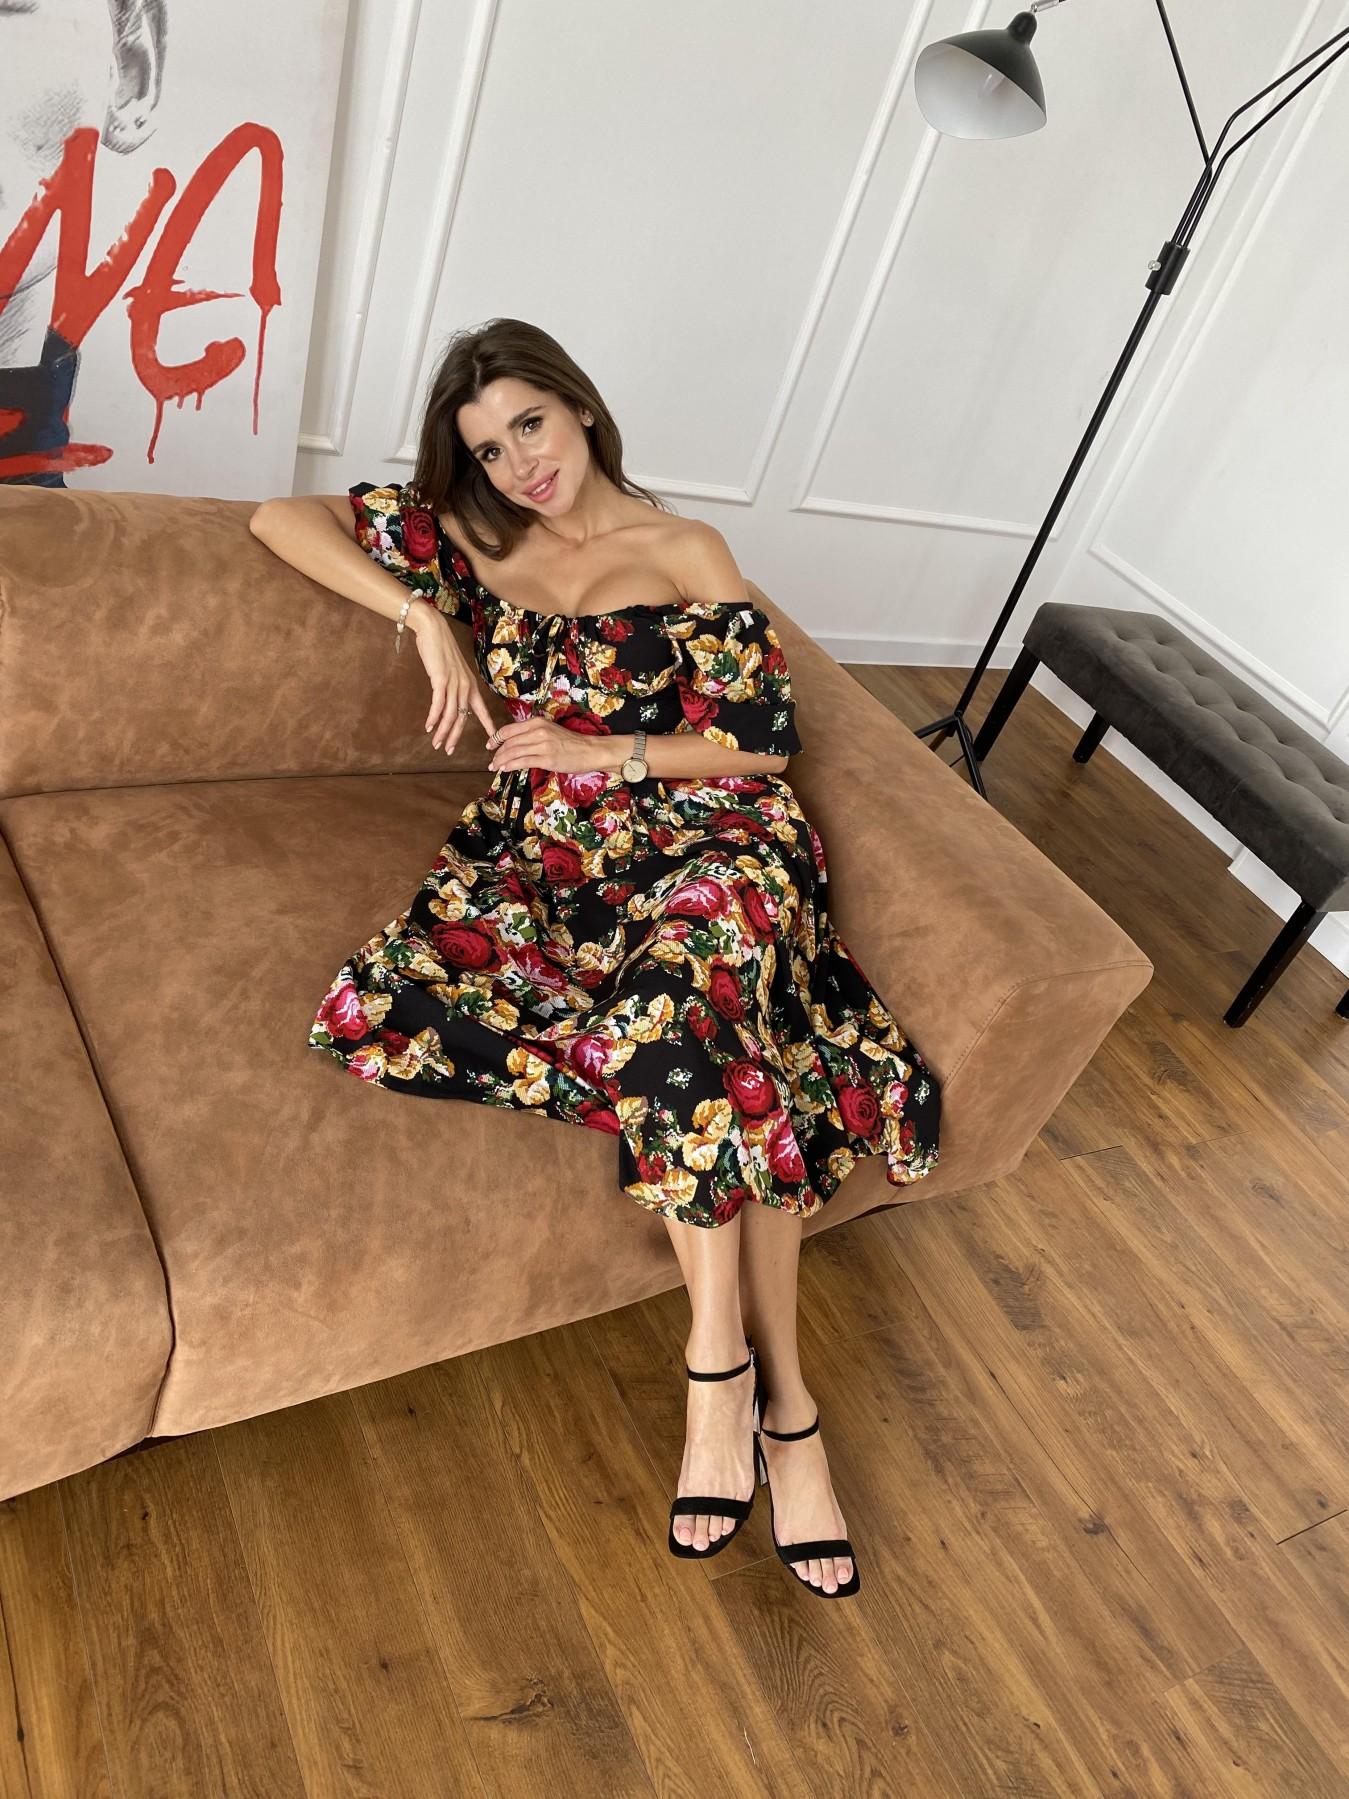 Кисес Миди платье из креп шифона в принт 11575 АРТ. 48253 Цвет: Черный вышивка 3 - фото 4, интернет магазин tm-modus.ru